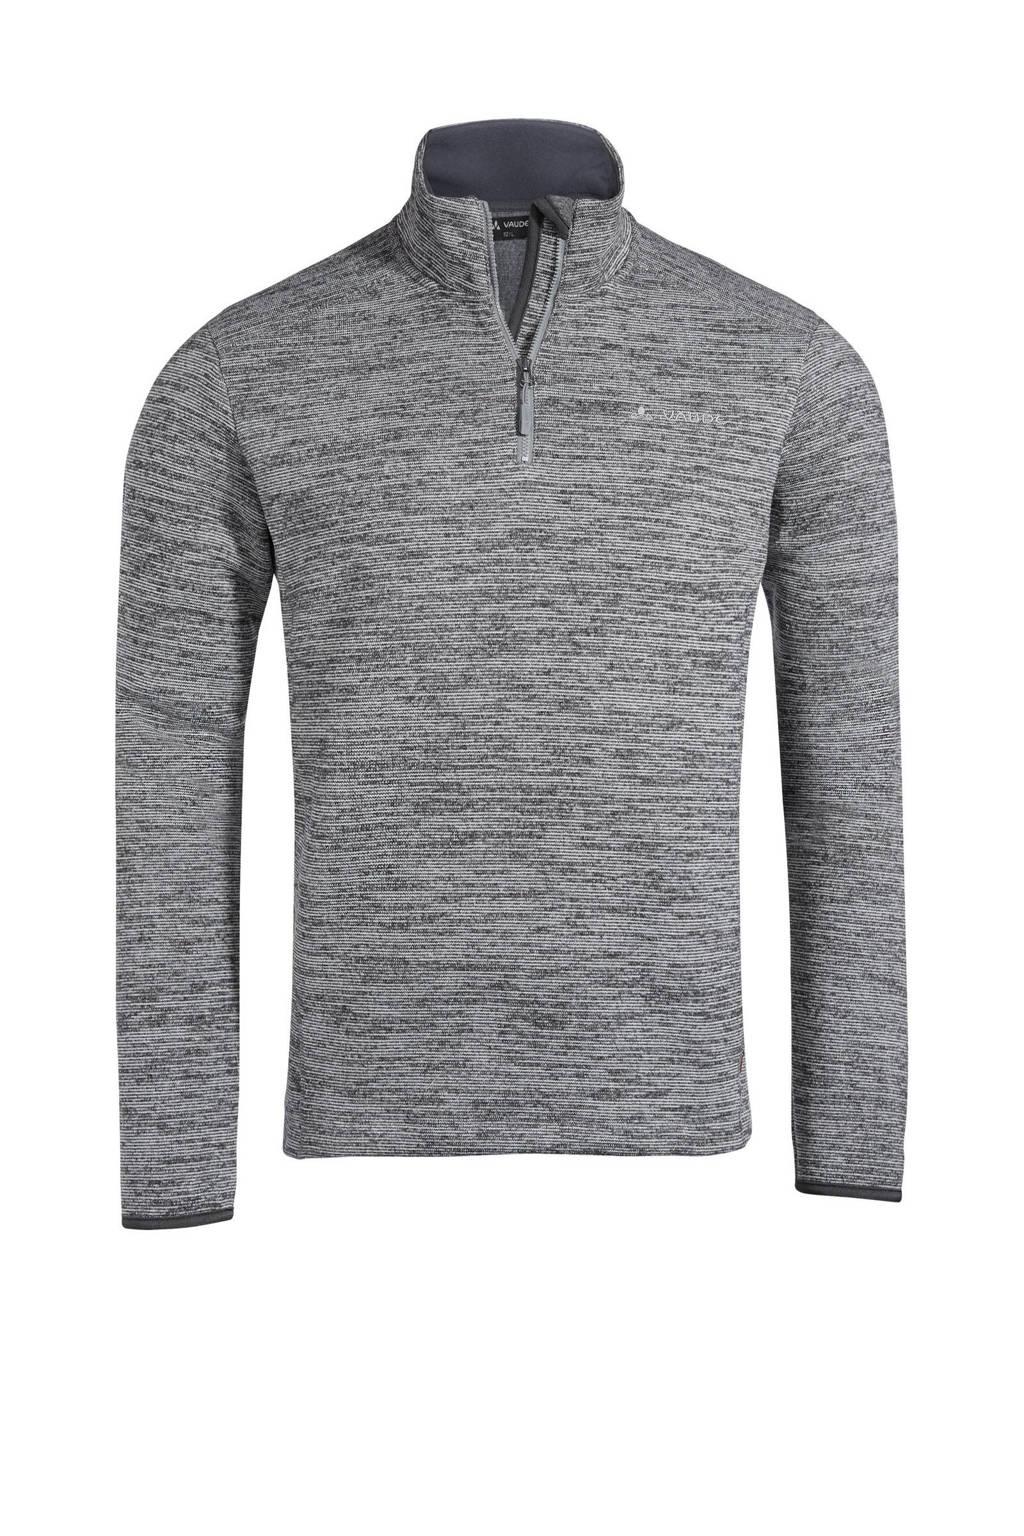 VAUDE outdoor sweater grijs melange, Grijs melange